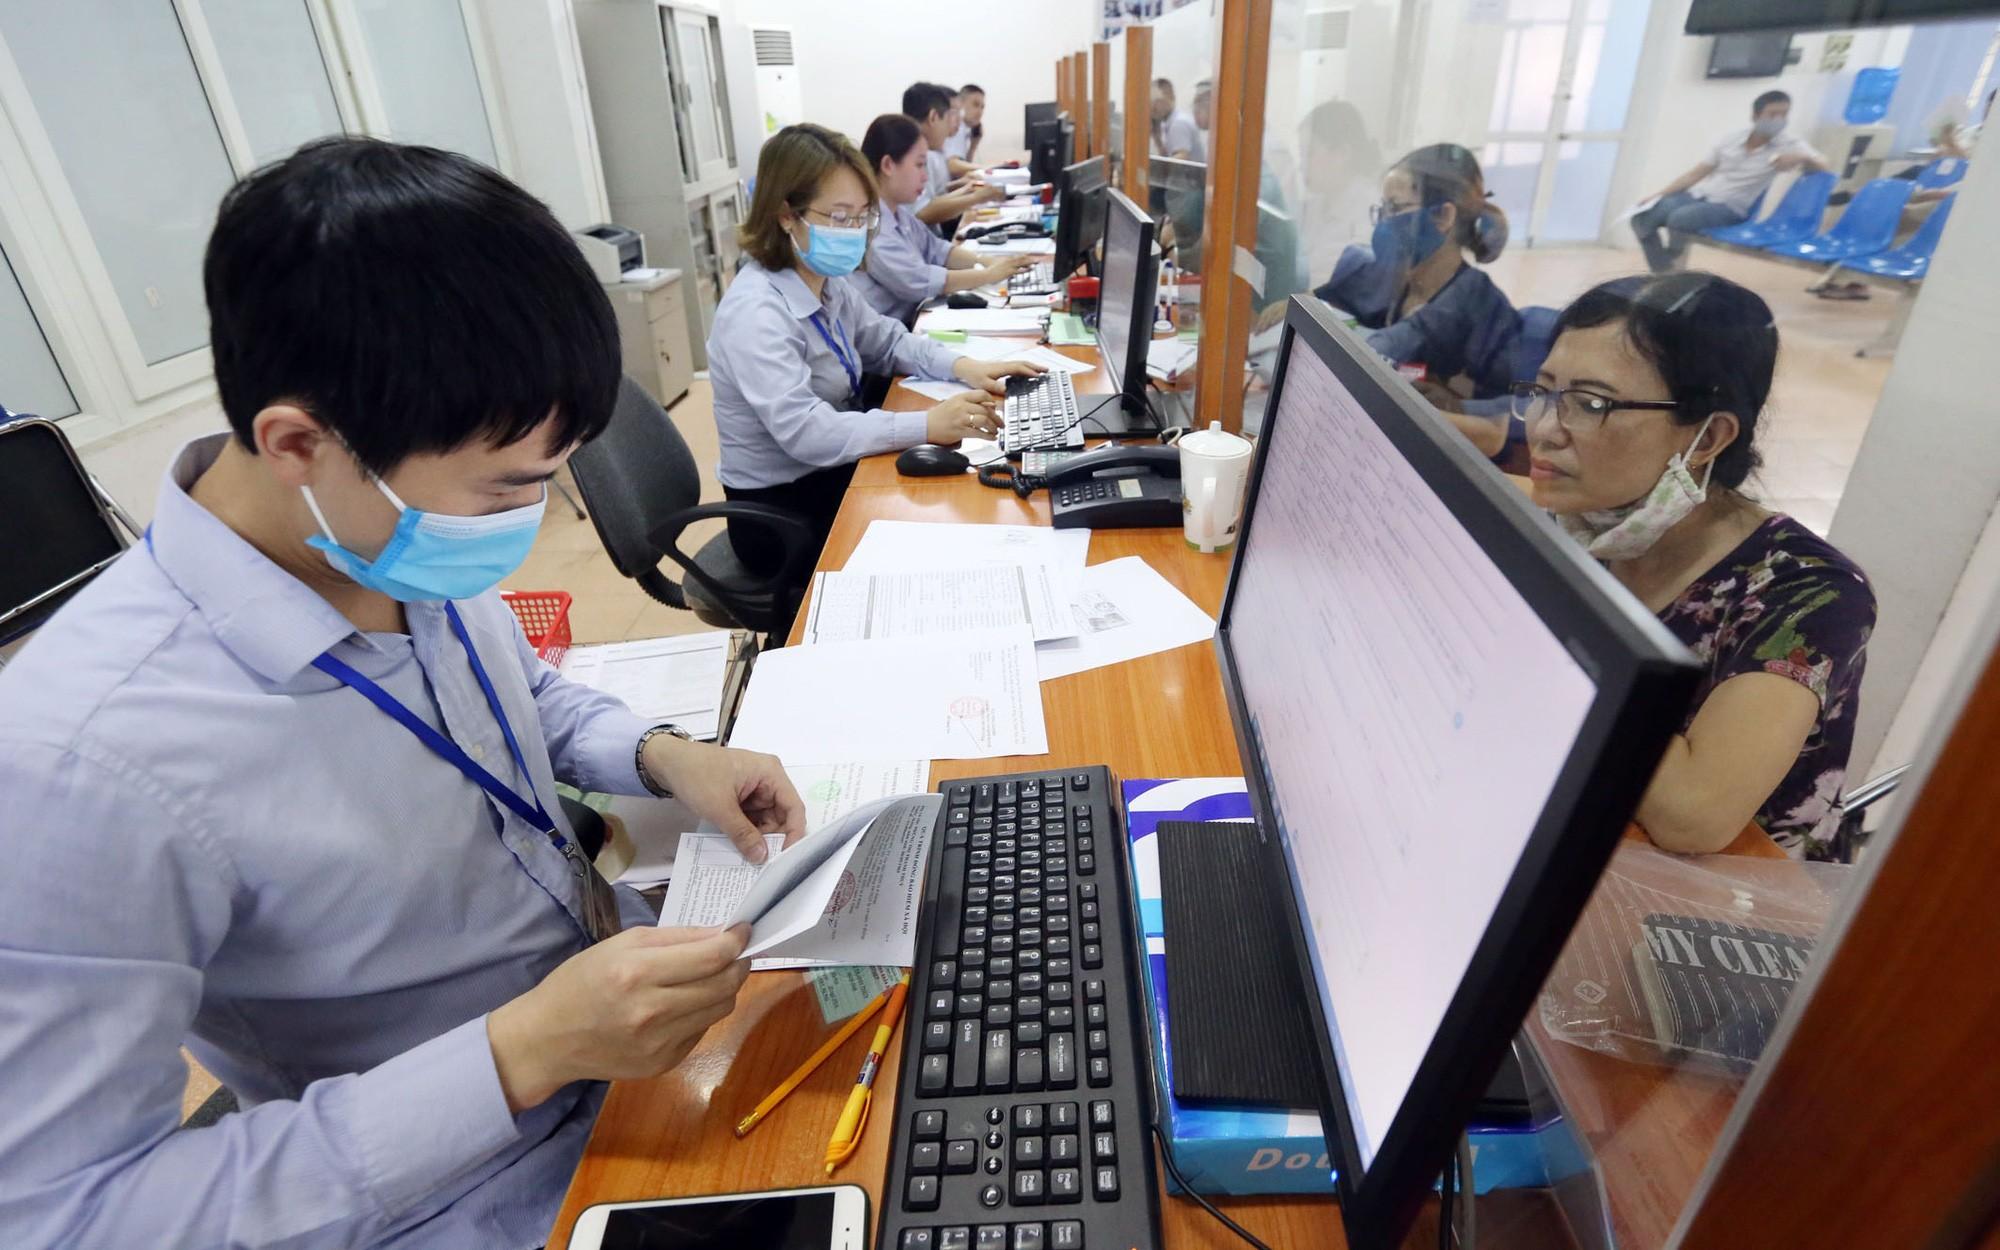 Bất chấp Covid-19, Hà Nội giải quyết việc làm cho gần 100.000 lao động trong 6 tháng đầu năm